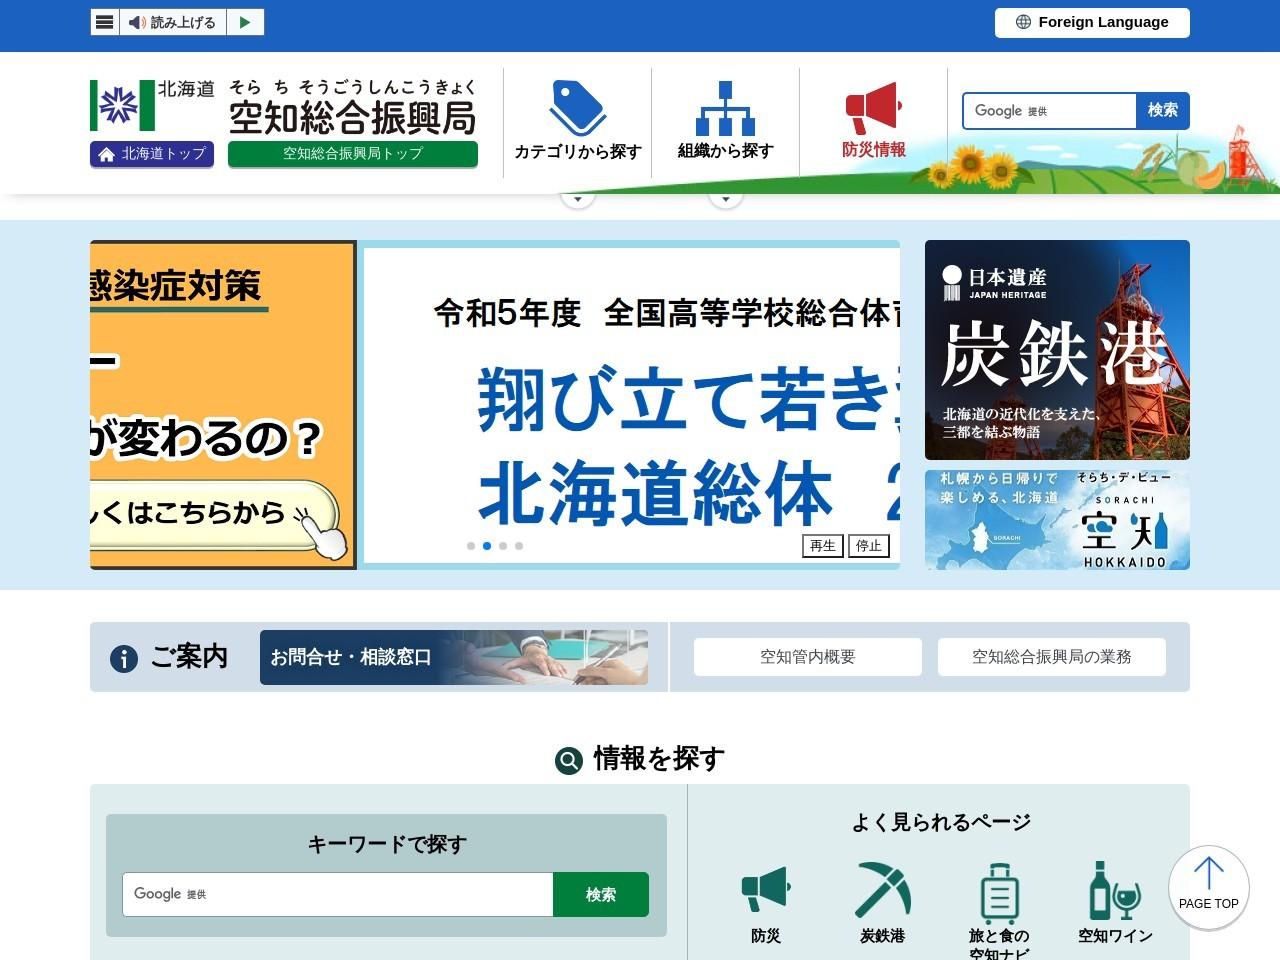 http://www.sorachi.pref.hokkaido.lg.jp